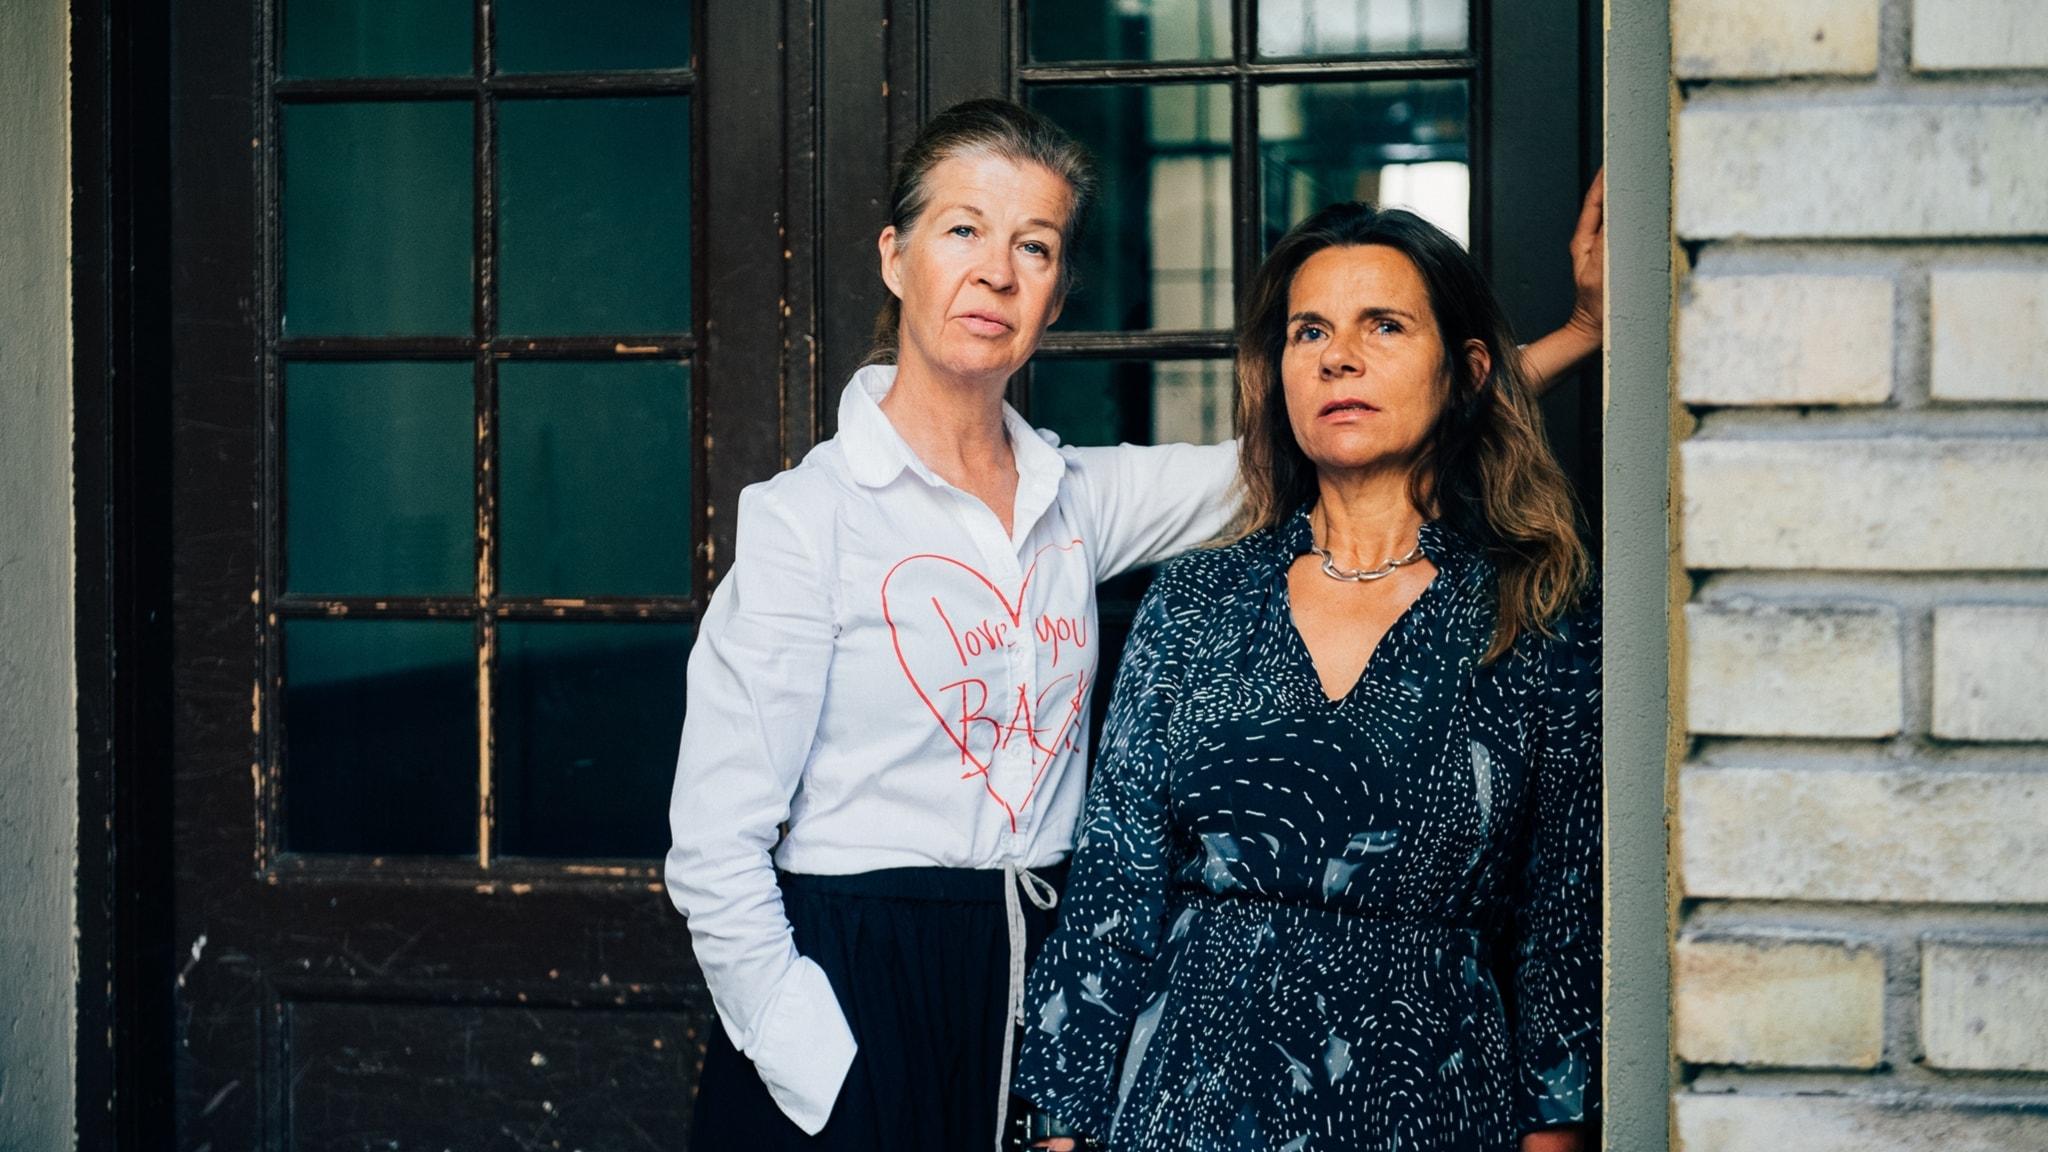 Katarina Hahr möter skådespelaren Ingela Olsson i ett samtal om tillit